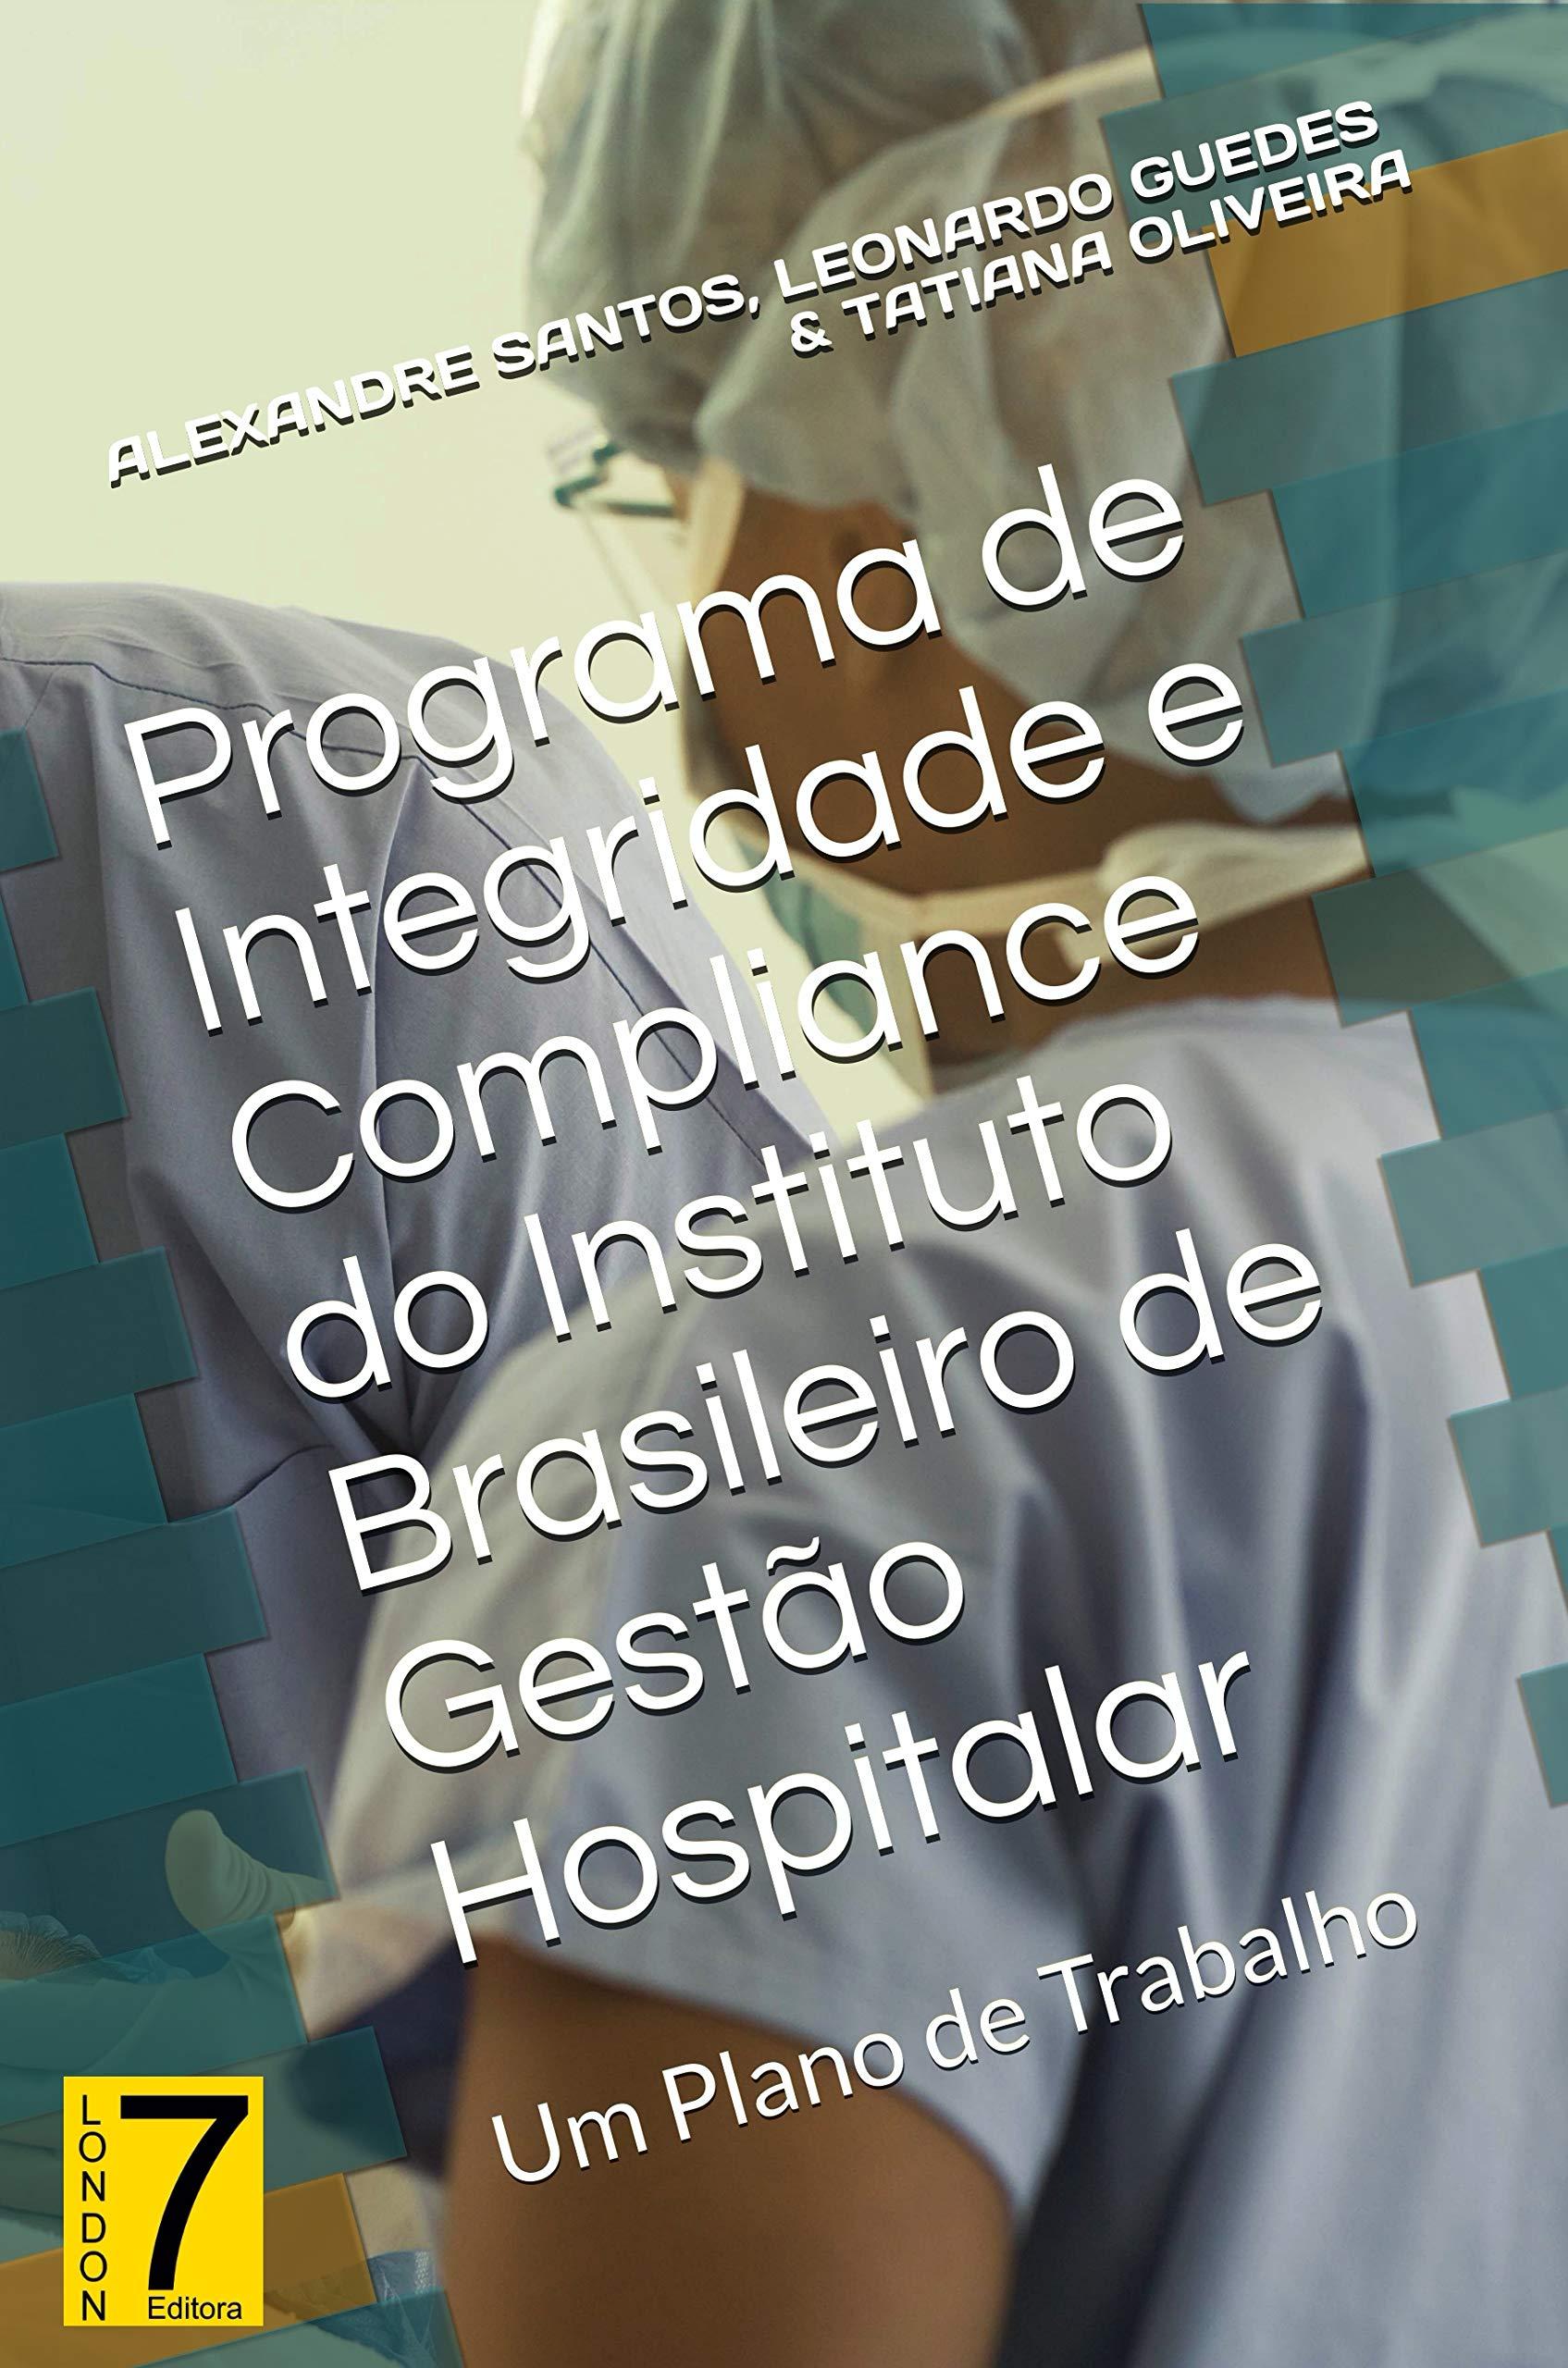 Programa de Integridade e Compliance do Instituto Brasileiro de Gestão Hospitalar: Um Plano de Trabalho (Governança & Compliance Livro 1) (Portuguese Edition)